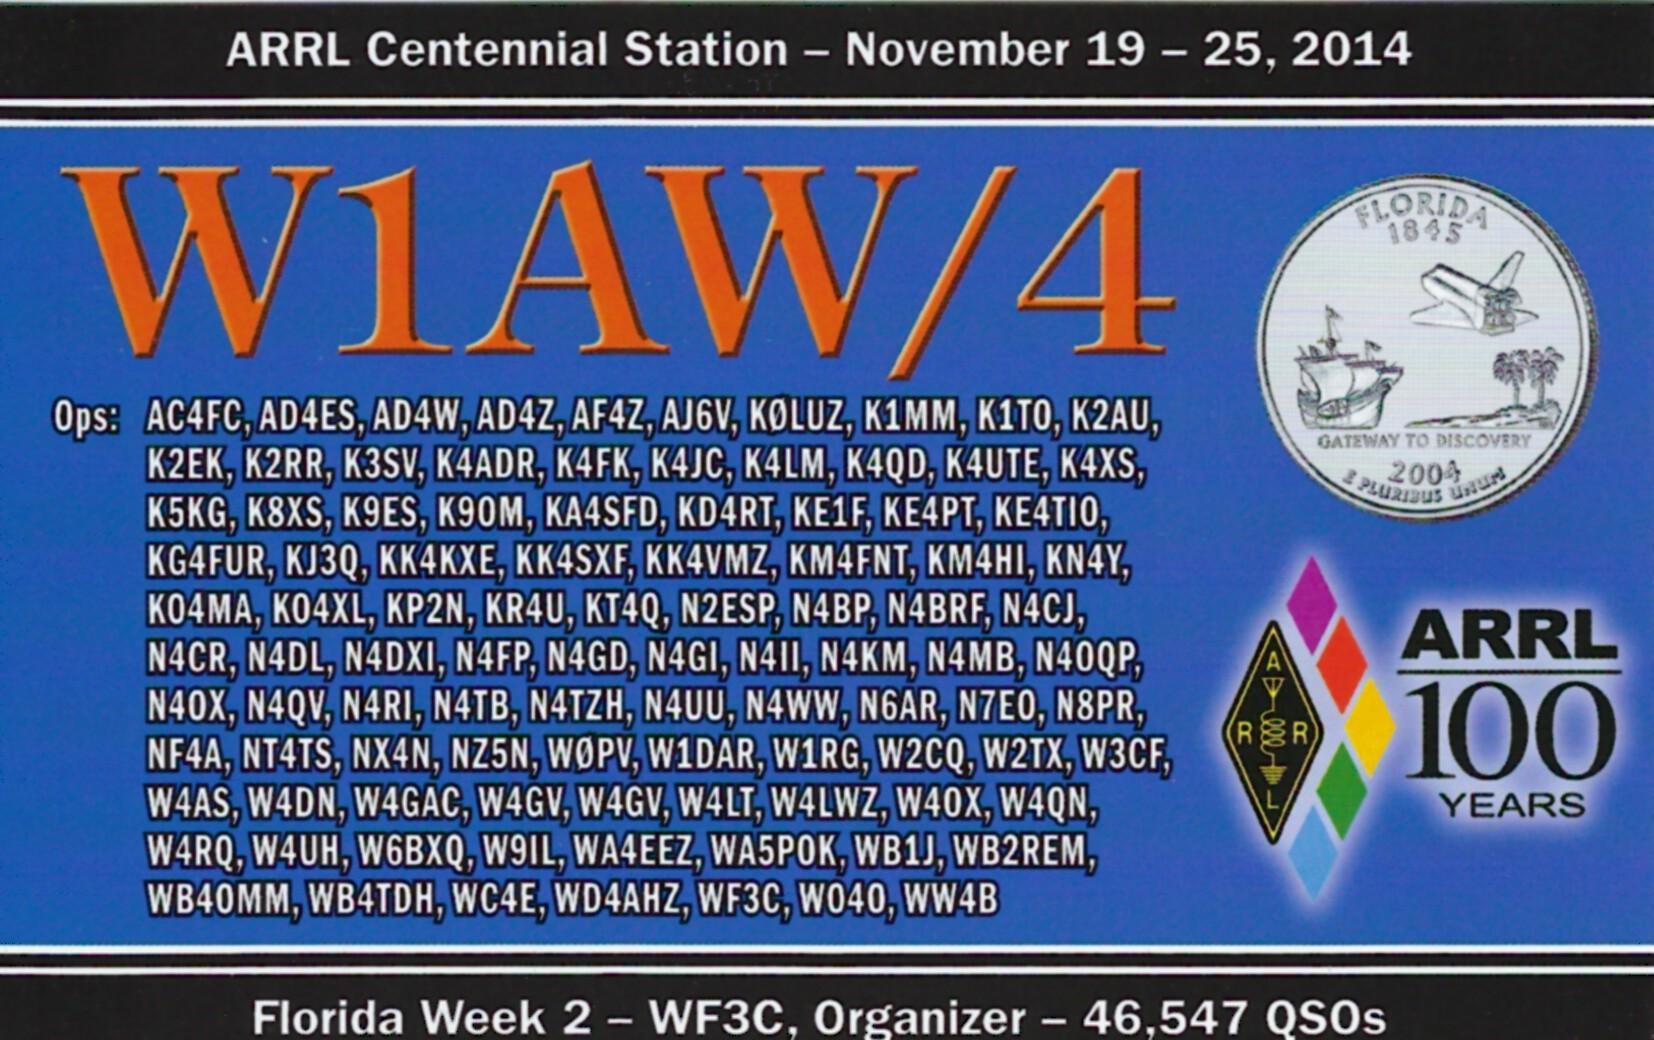 W1AW-4 FL